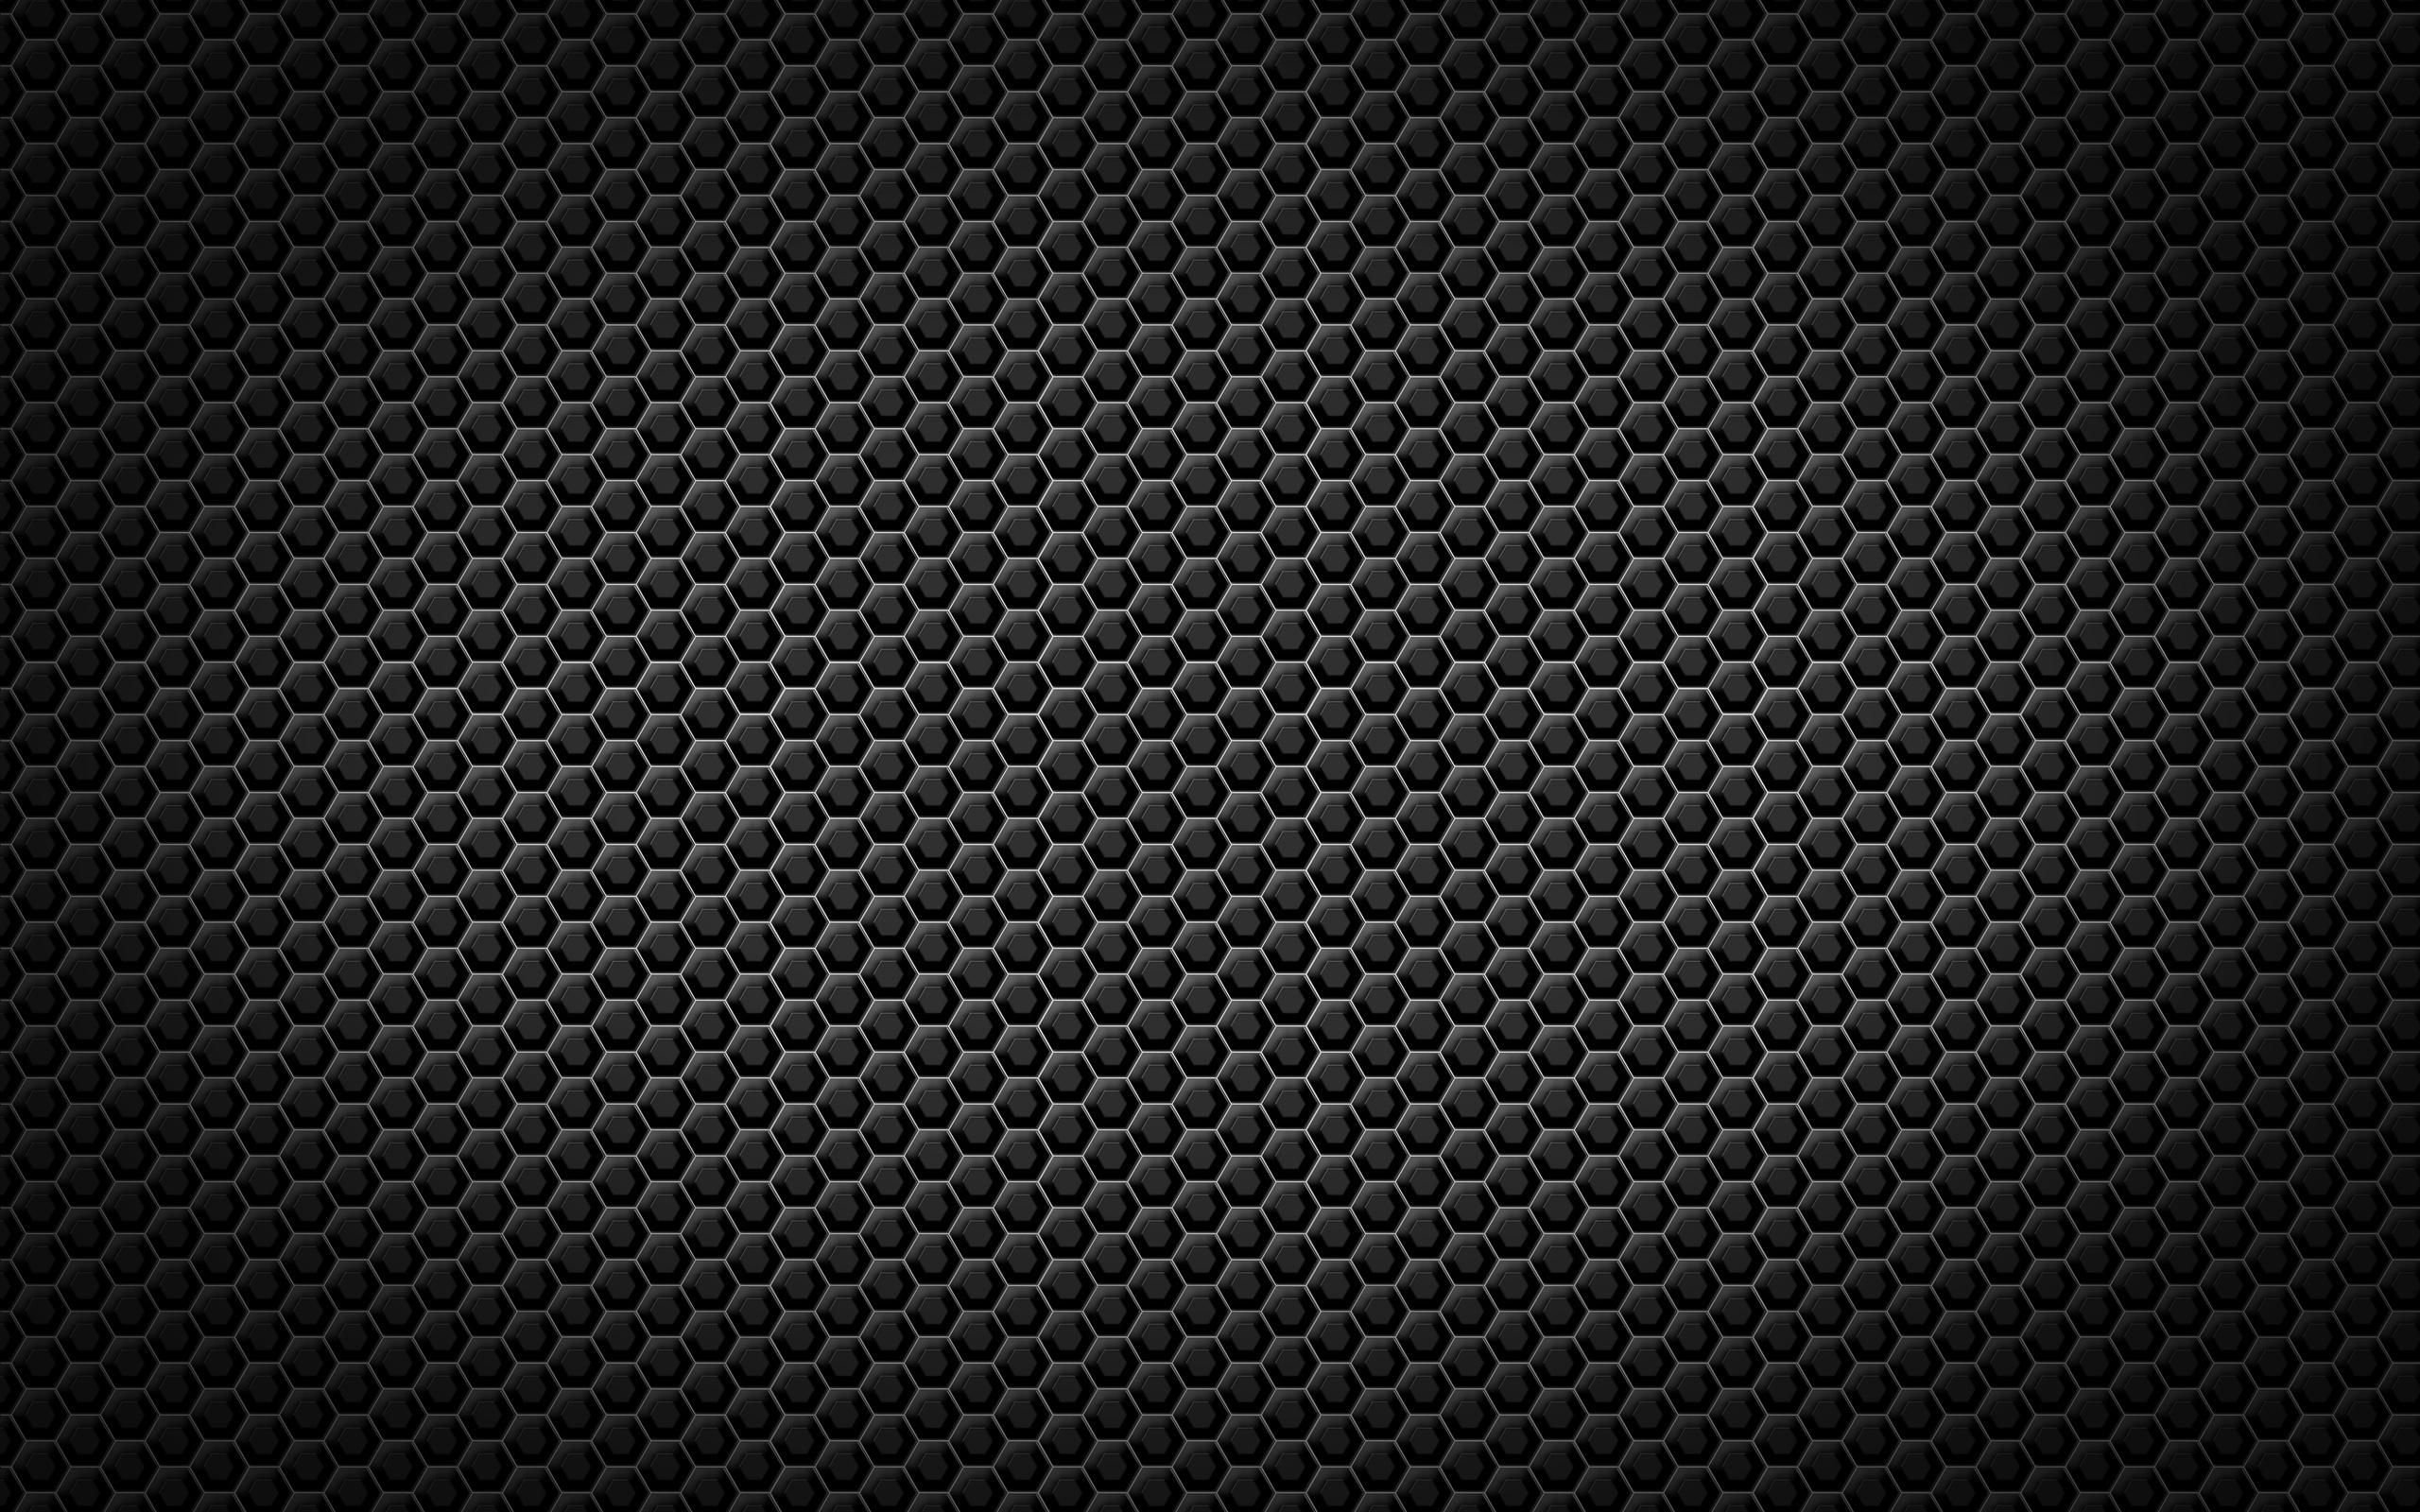 Fonds d'ecran Texture Noir télécharger photo